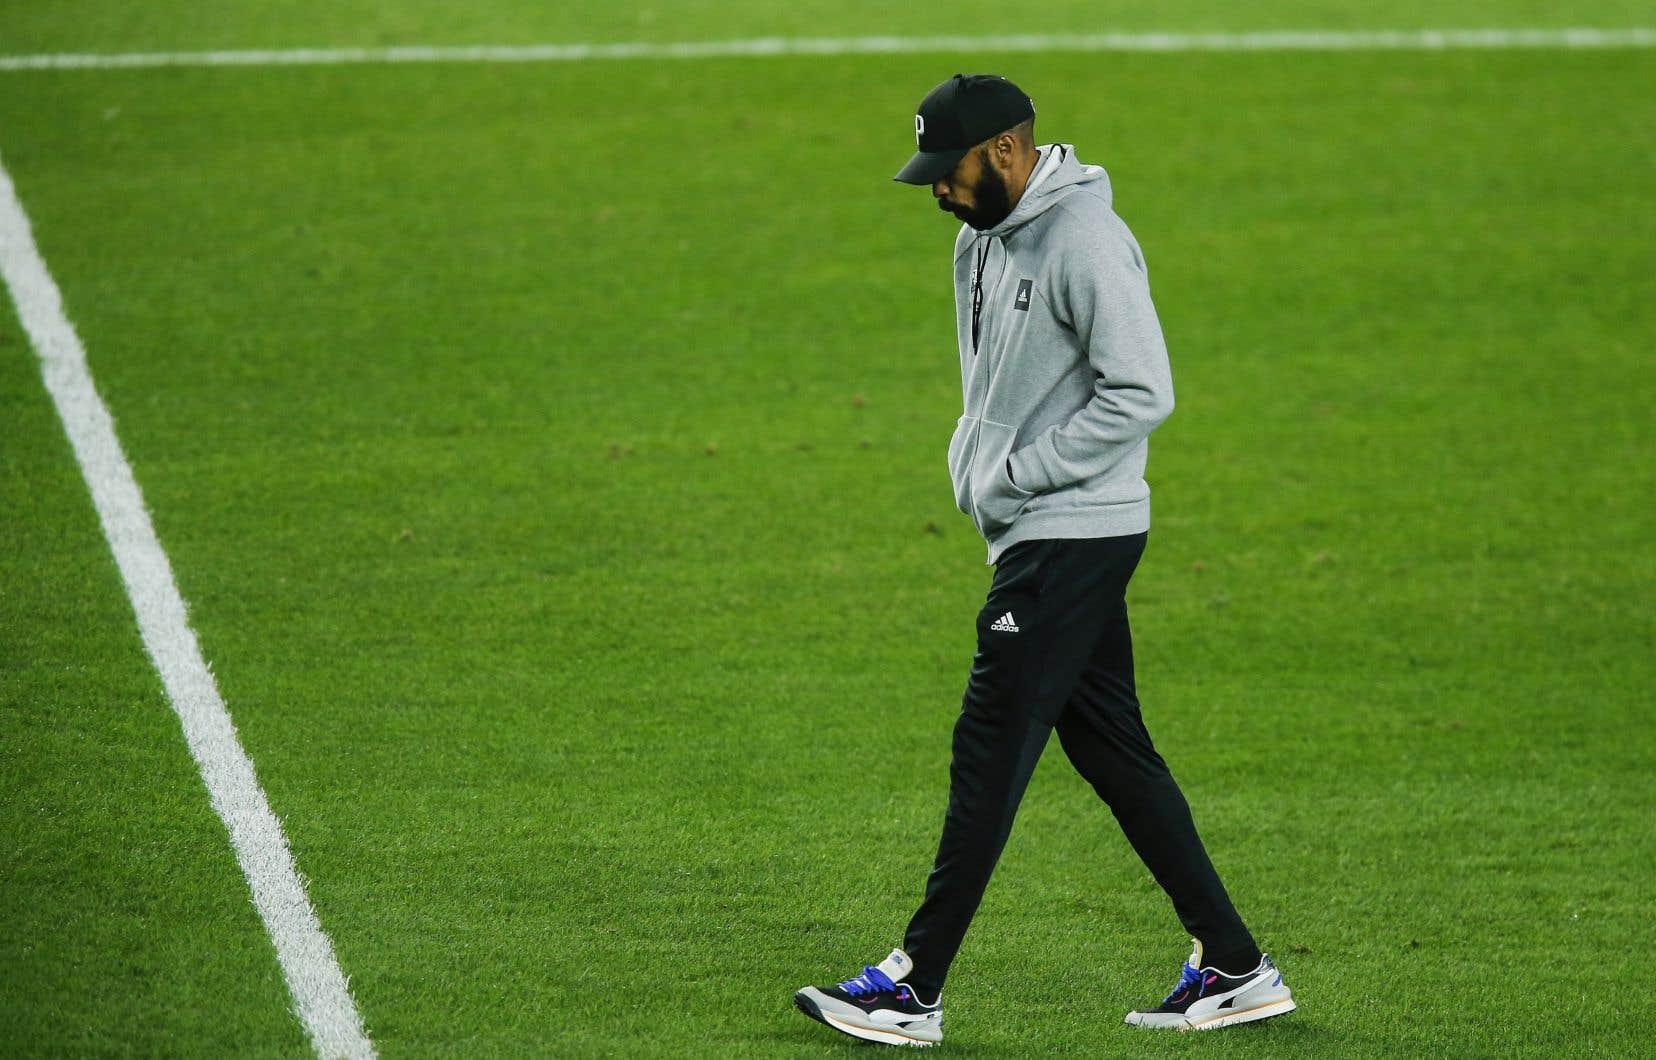 «On les a affrontés en matchs préparatoires et ç'a été vraiment difficile. Un combat. Derrière, devant, au milieu. Ils ont marqué sur un corner. Donc, on sait très bien ce qui nous attend», a dit Thierry Henry.